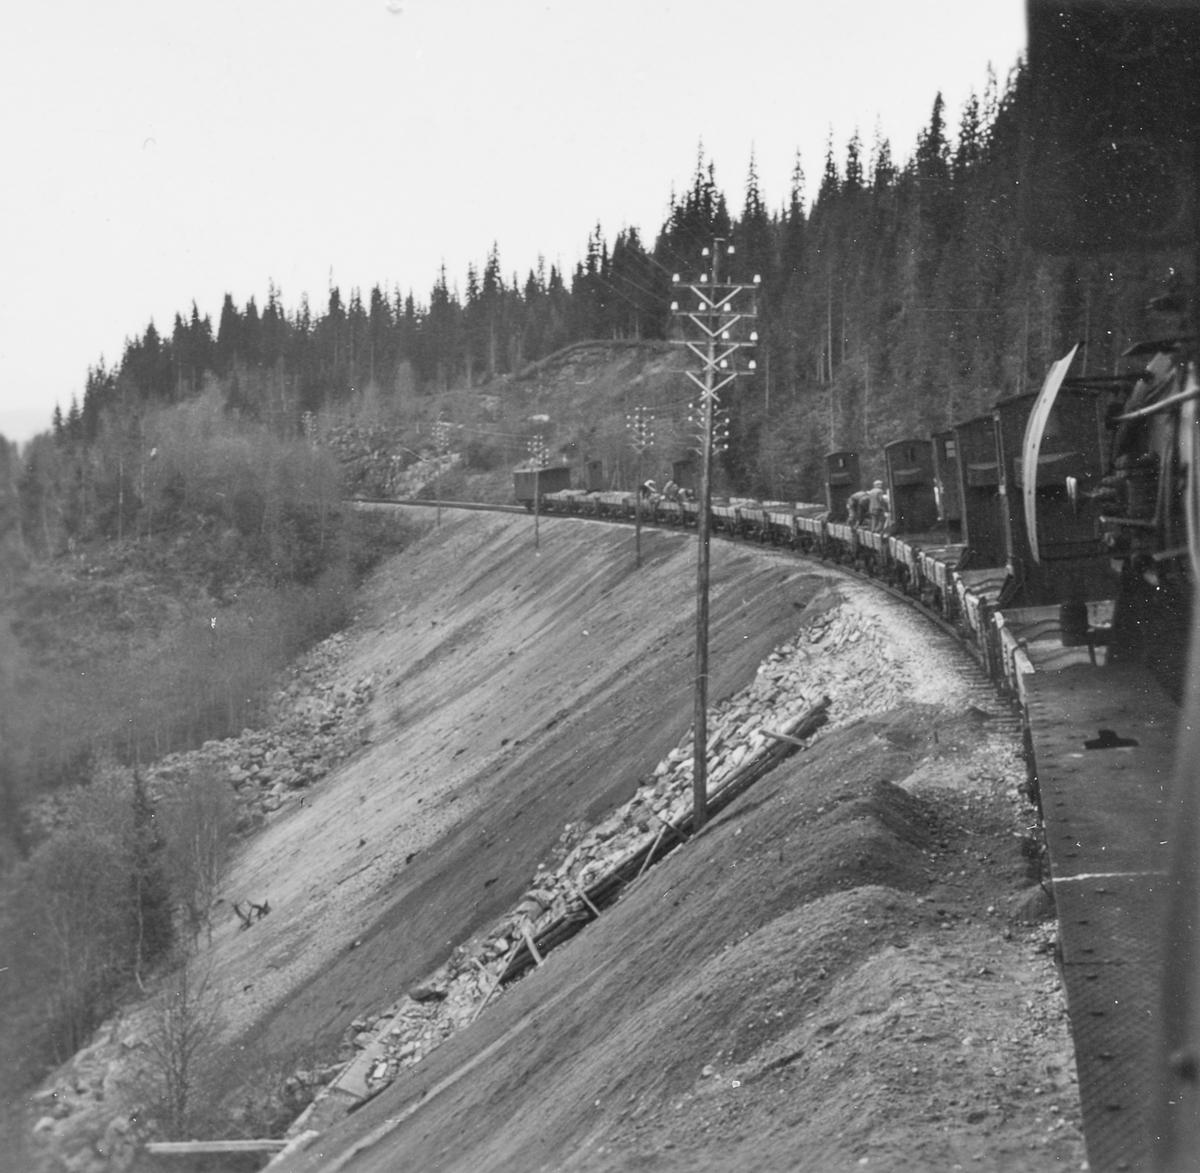 Grustog på Nordlandsbanen trukket av damplokomotiv type 63a nr. 2343. Grusen er hentet fra Spølrem grustak mellom Laksfors og Eiterstraum stasjoner på Nordlandsbanen.  Grusen losses med håndmakt.